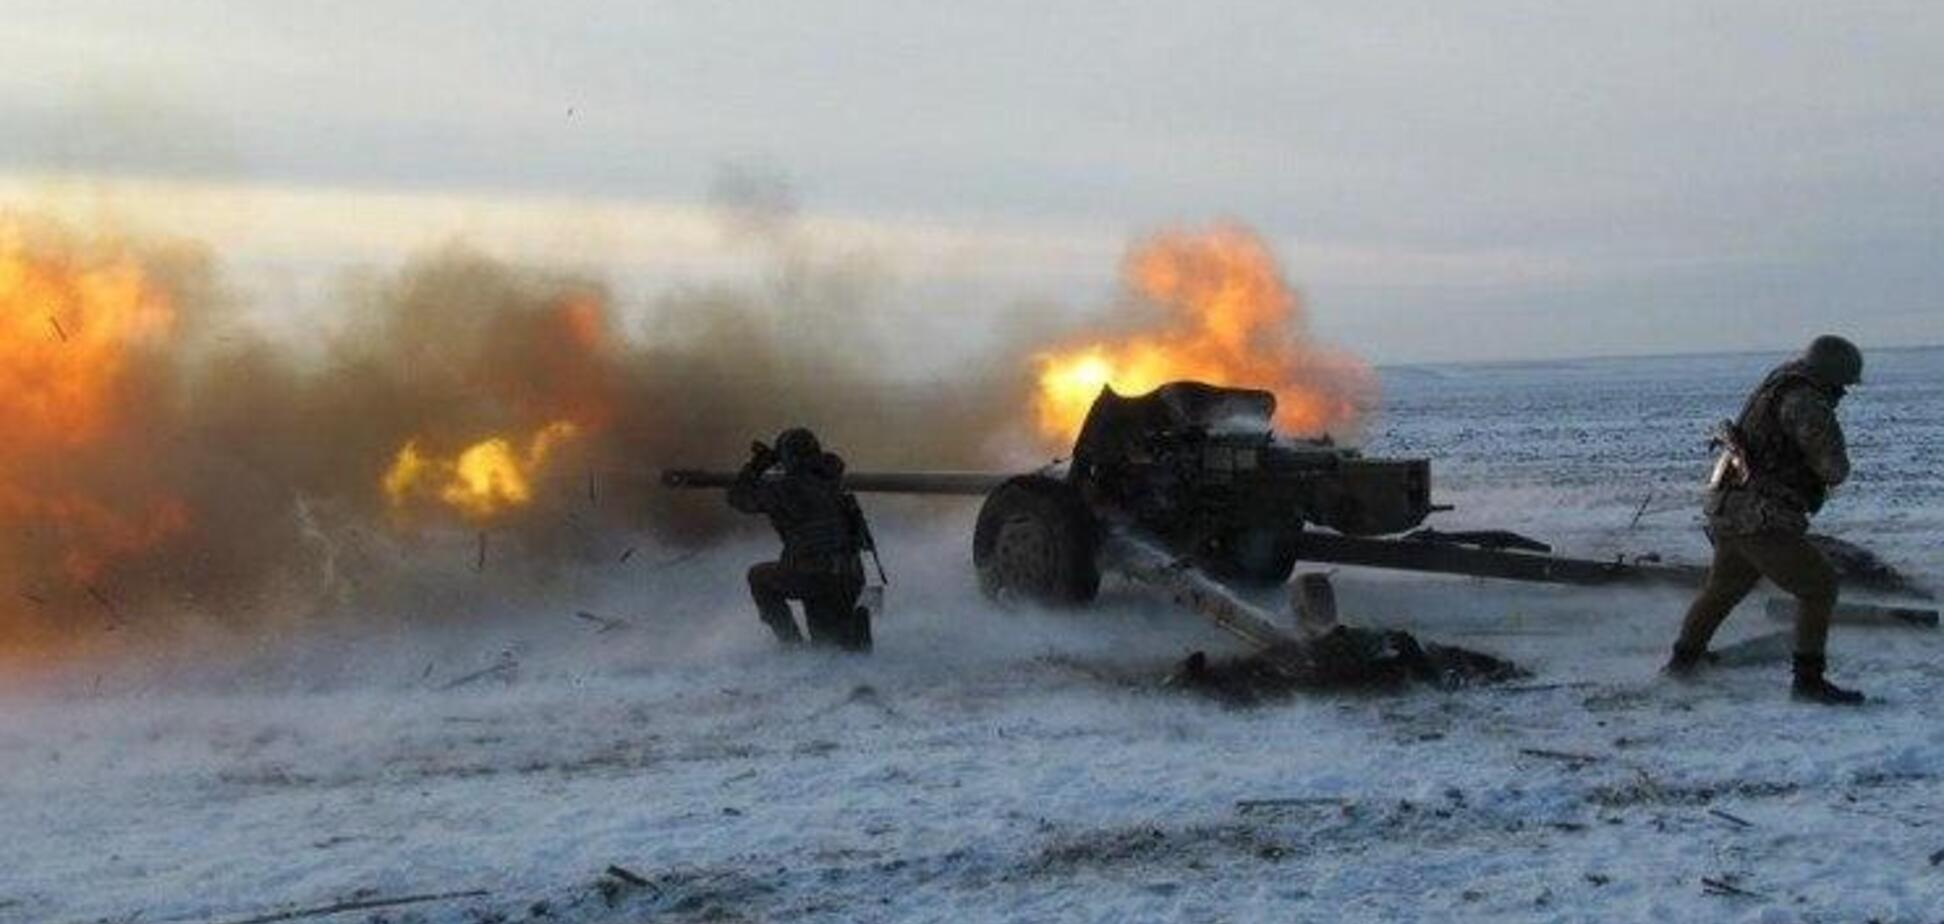 Військові Росії раптово пішли у наступ на Донбасі: всі деталі кривавого бою